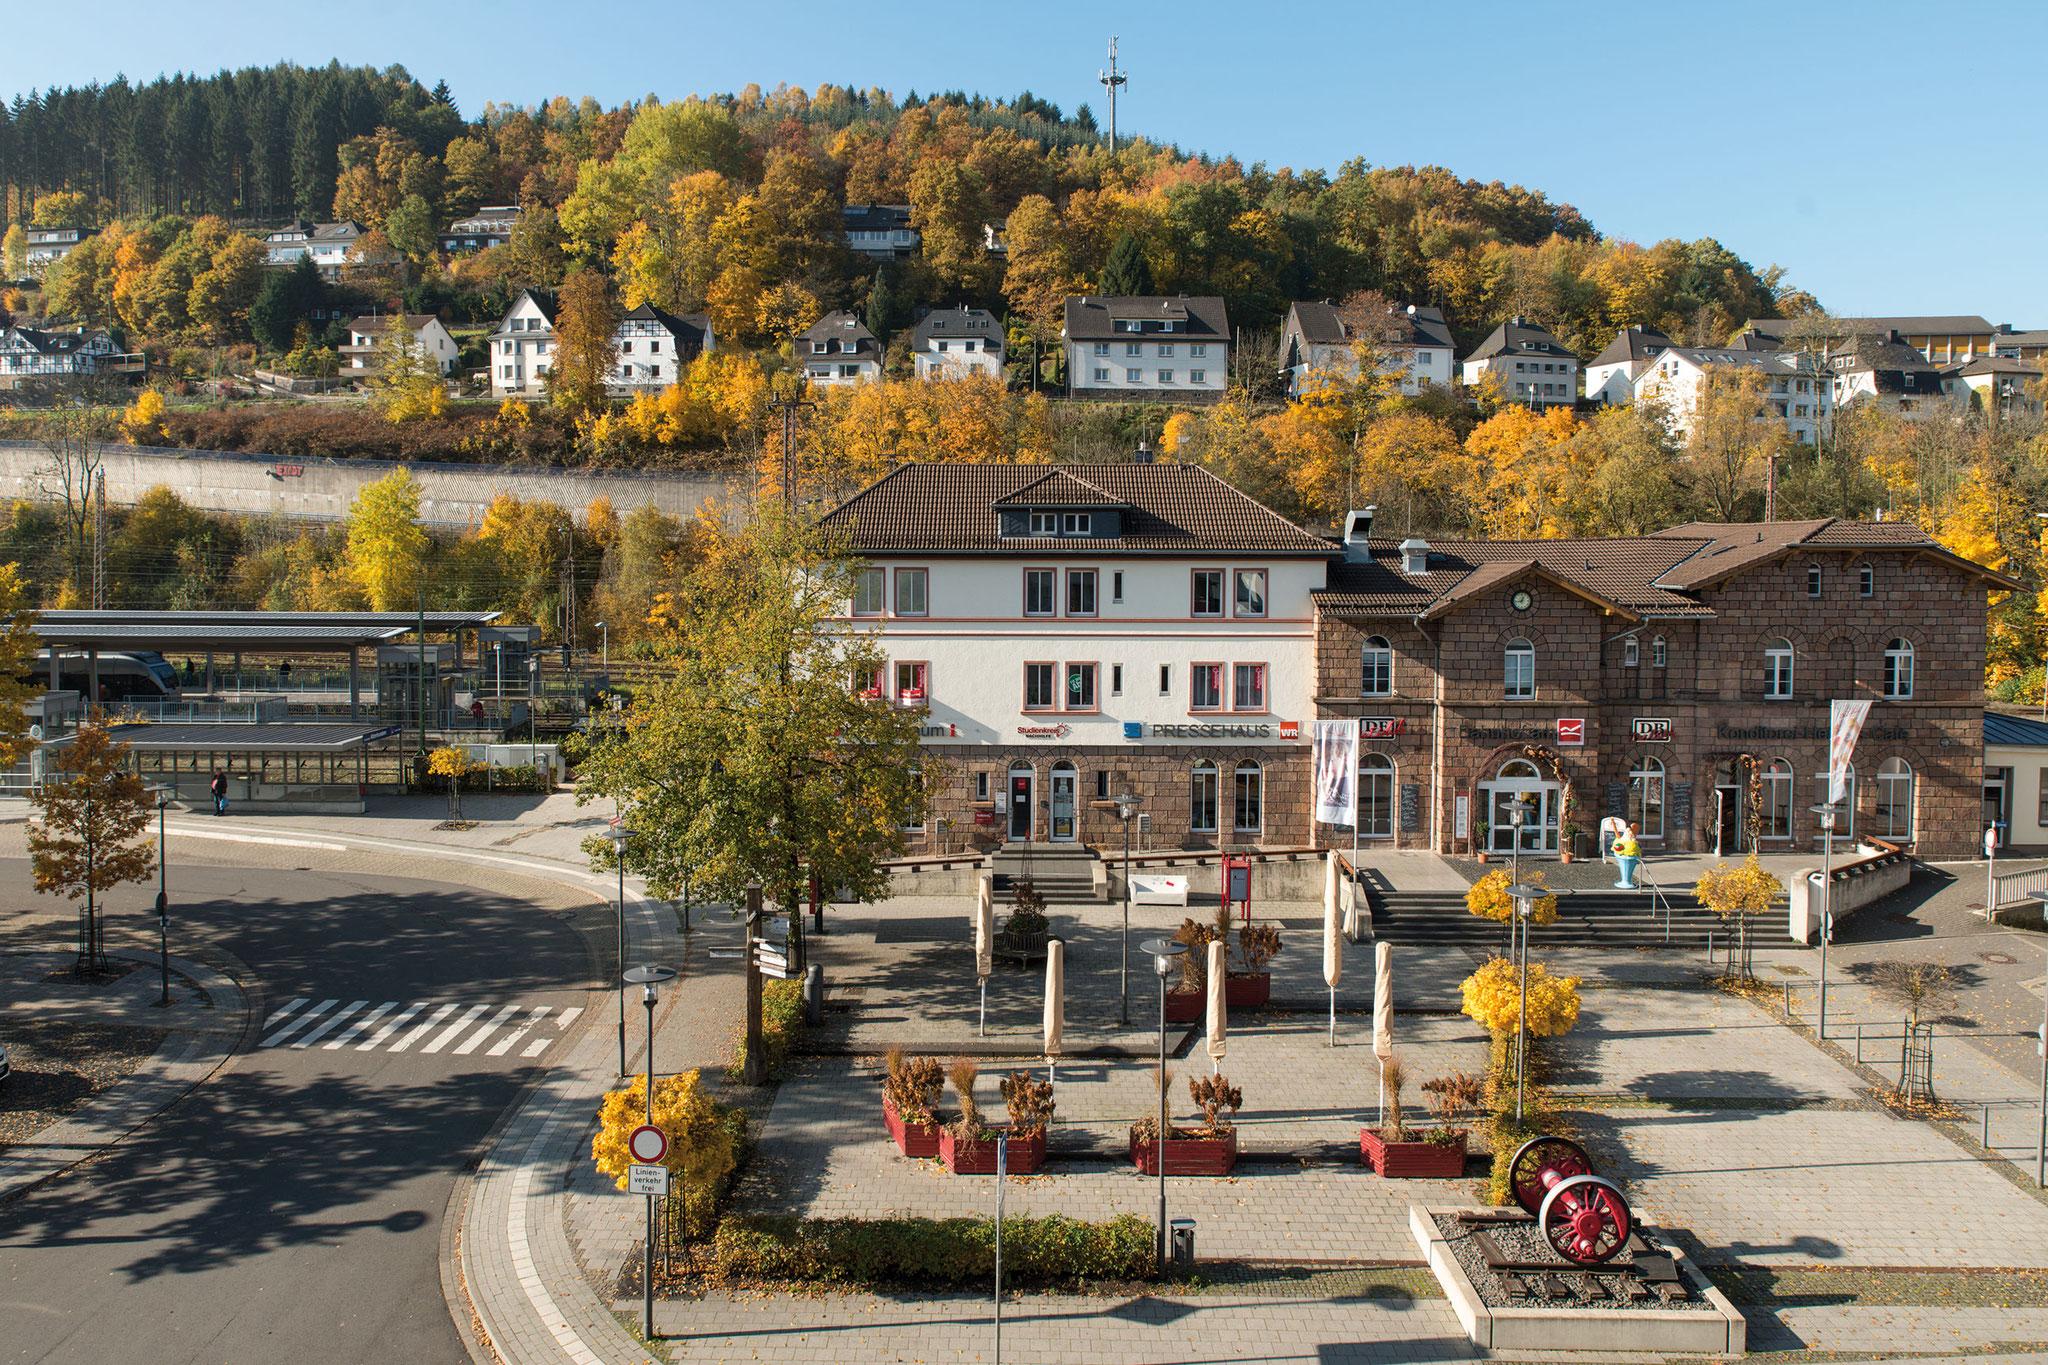 Lennestadt-Altenhundem, Empfangsgebäude und Umfeld